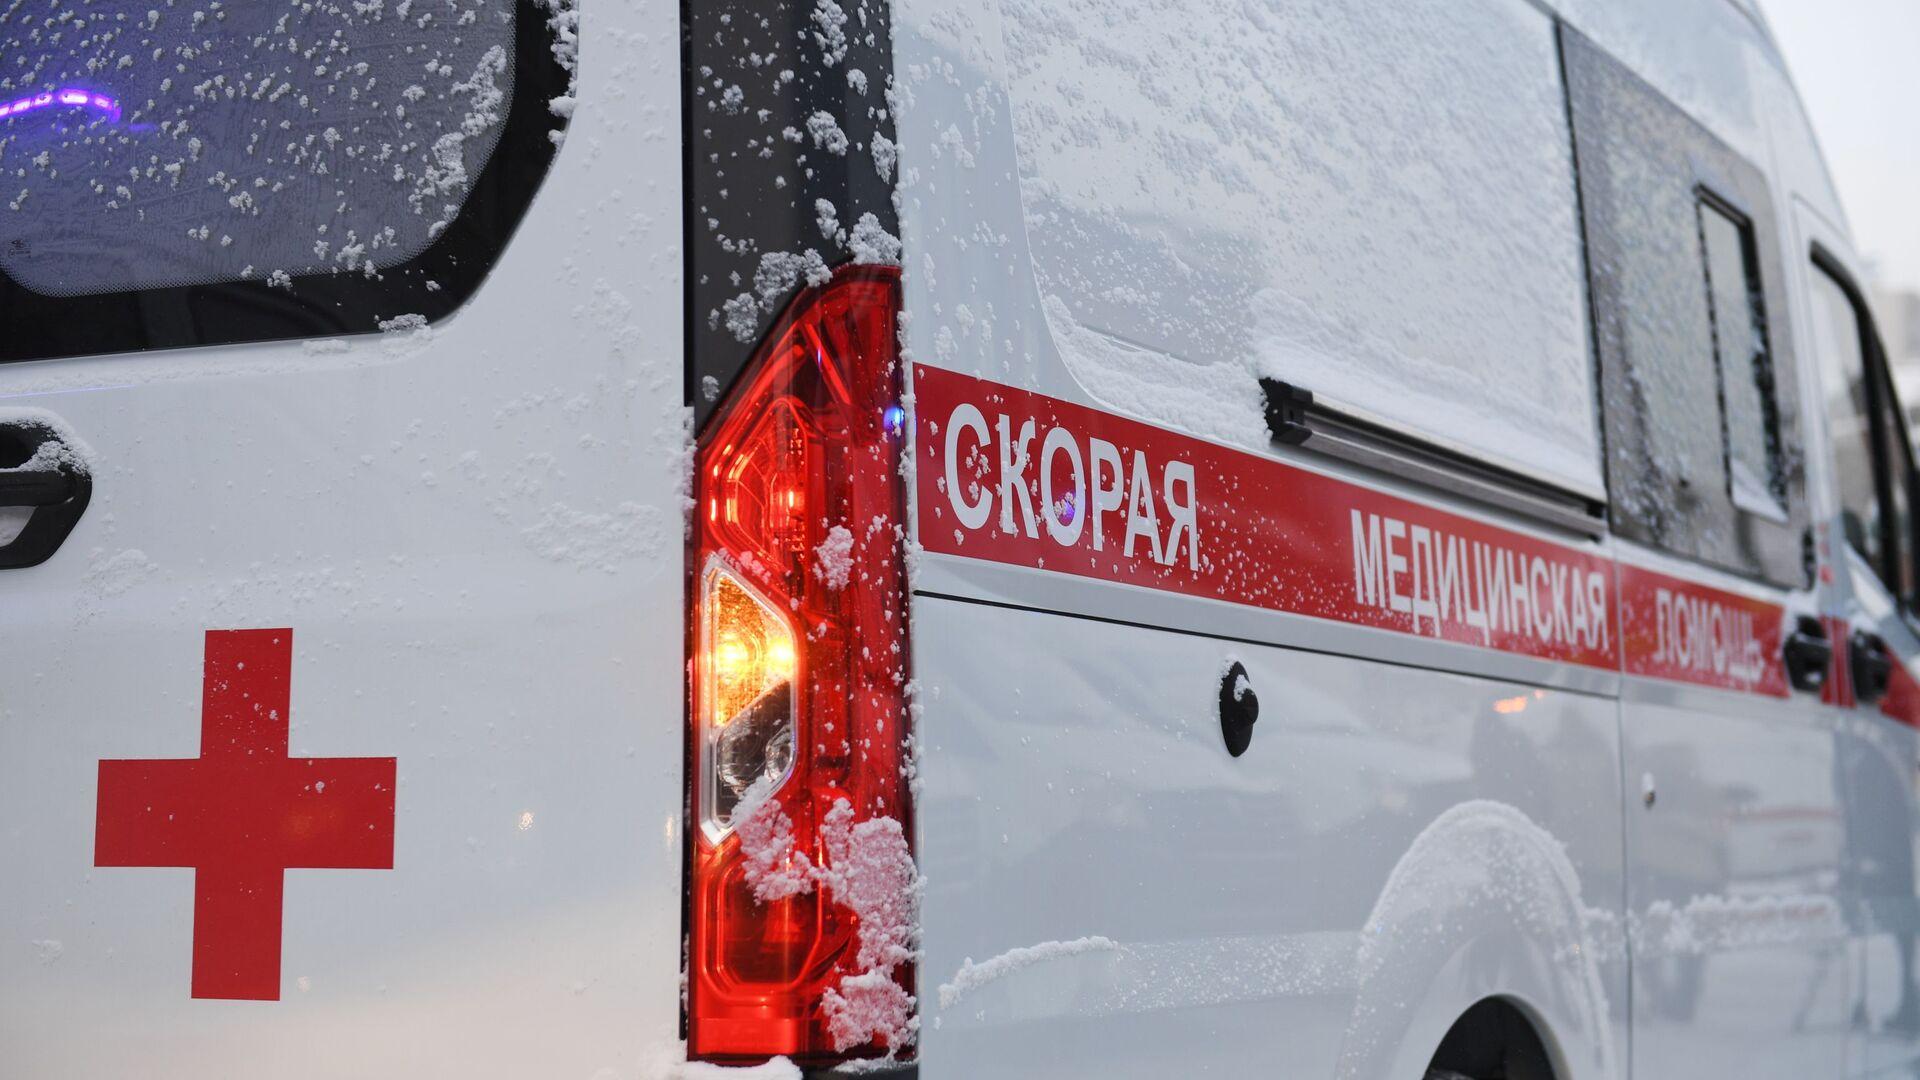 Автомобиль скорой помощи  - РИА Новости, 1920, 04.03.2021